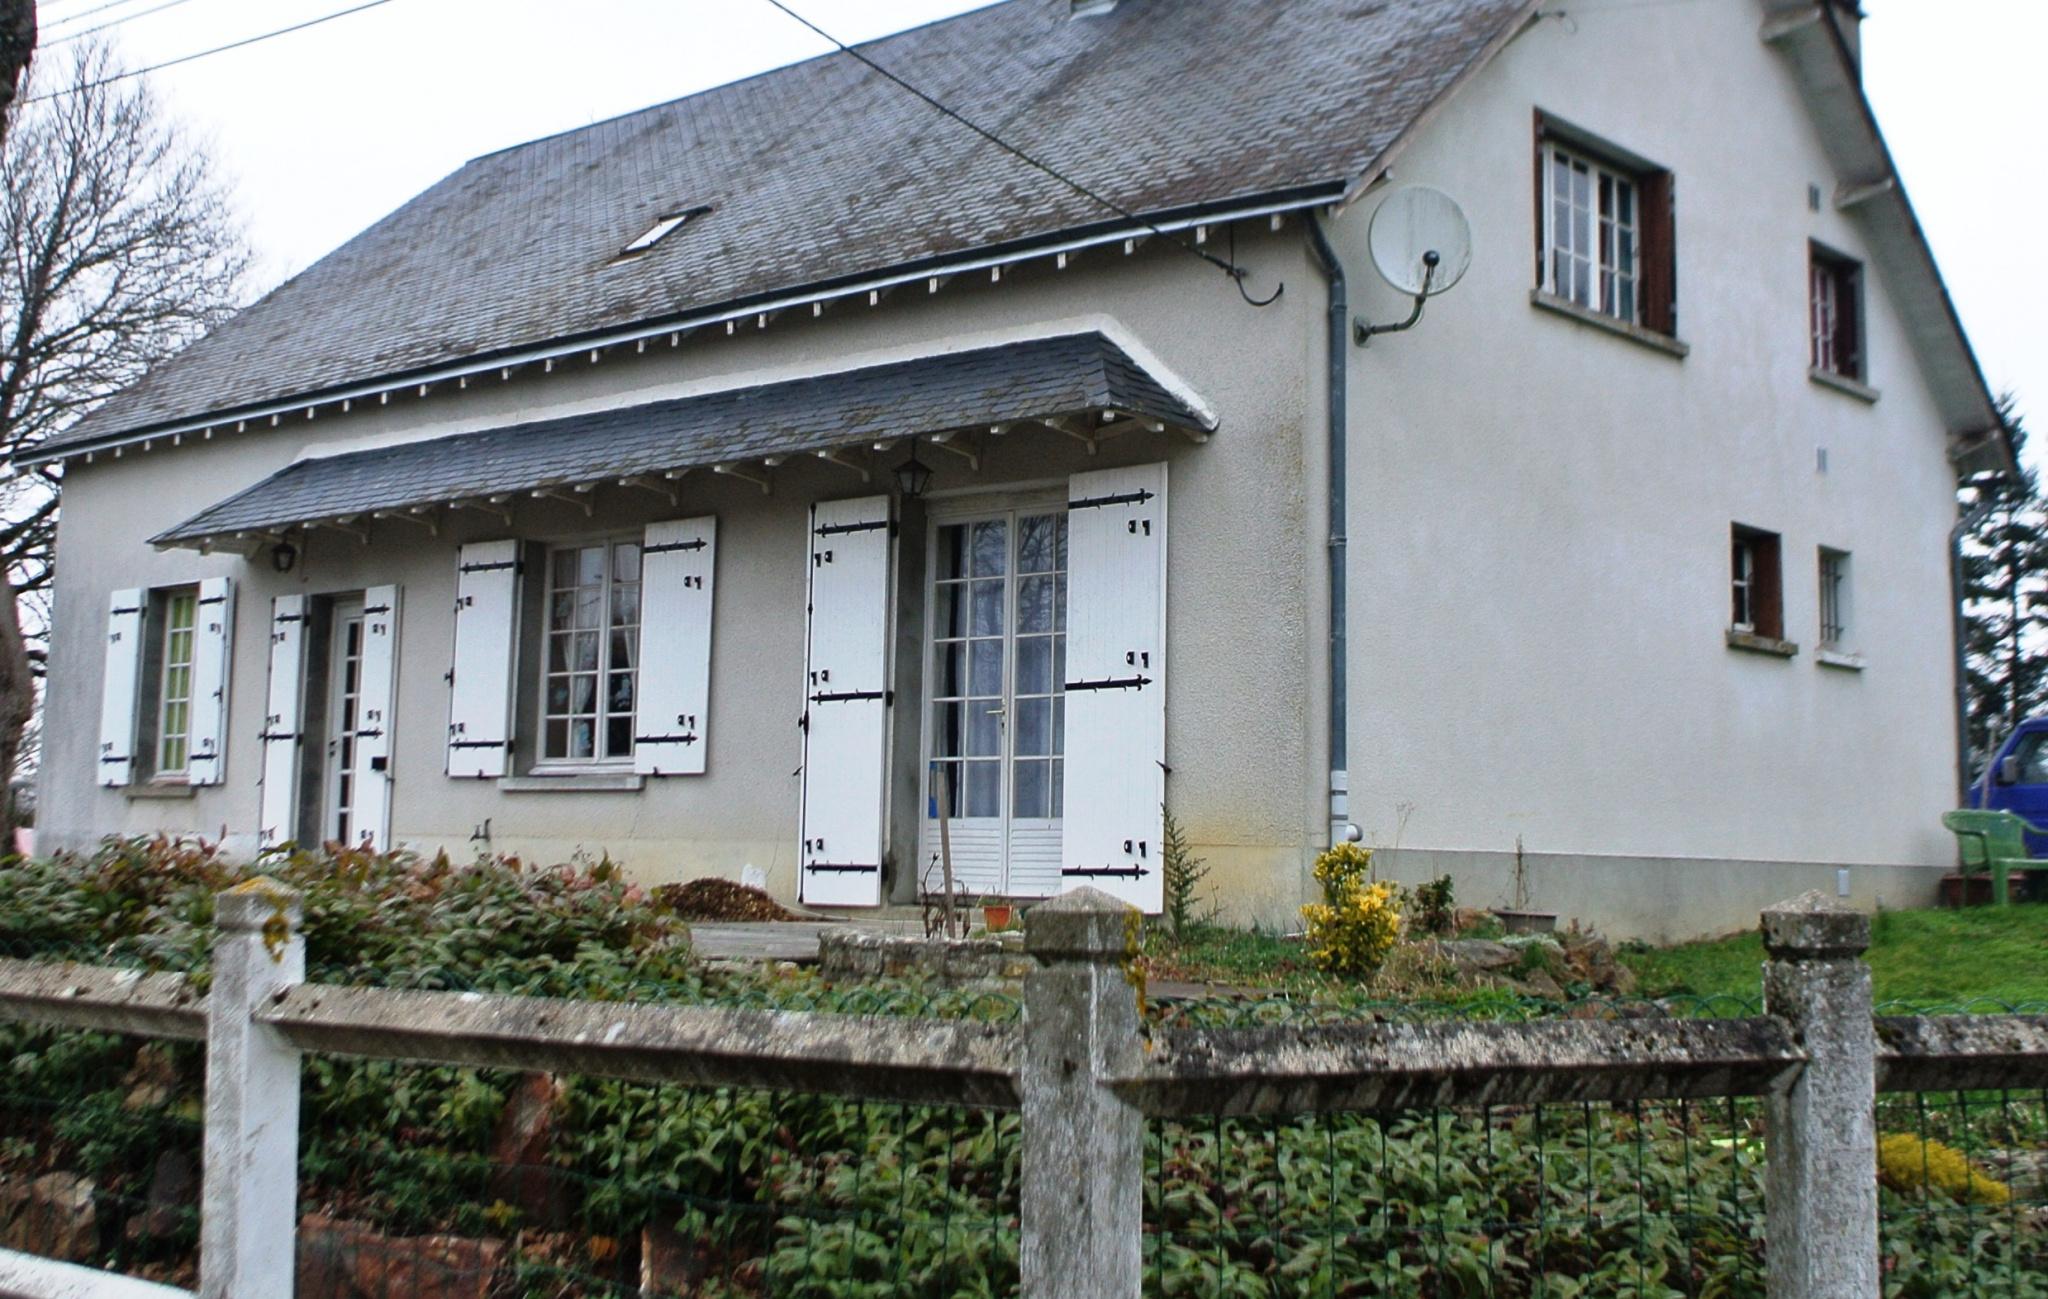 maison villa vente prissac m tres carr s 150 dans le domaine de indre sud indre ref 101361